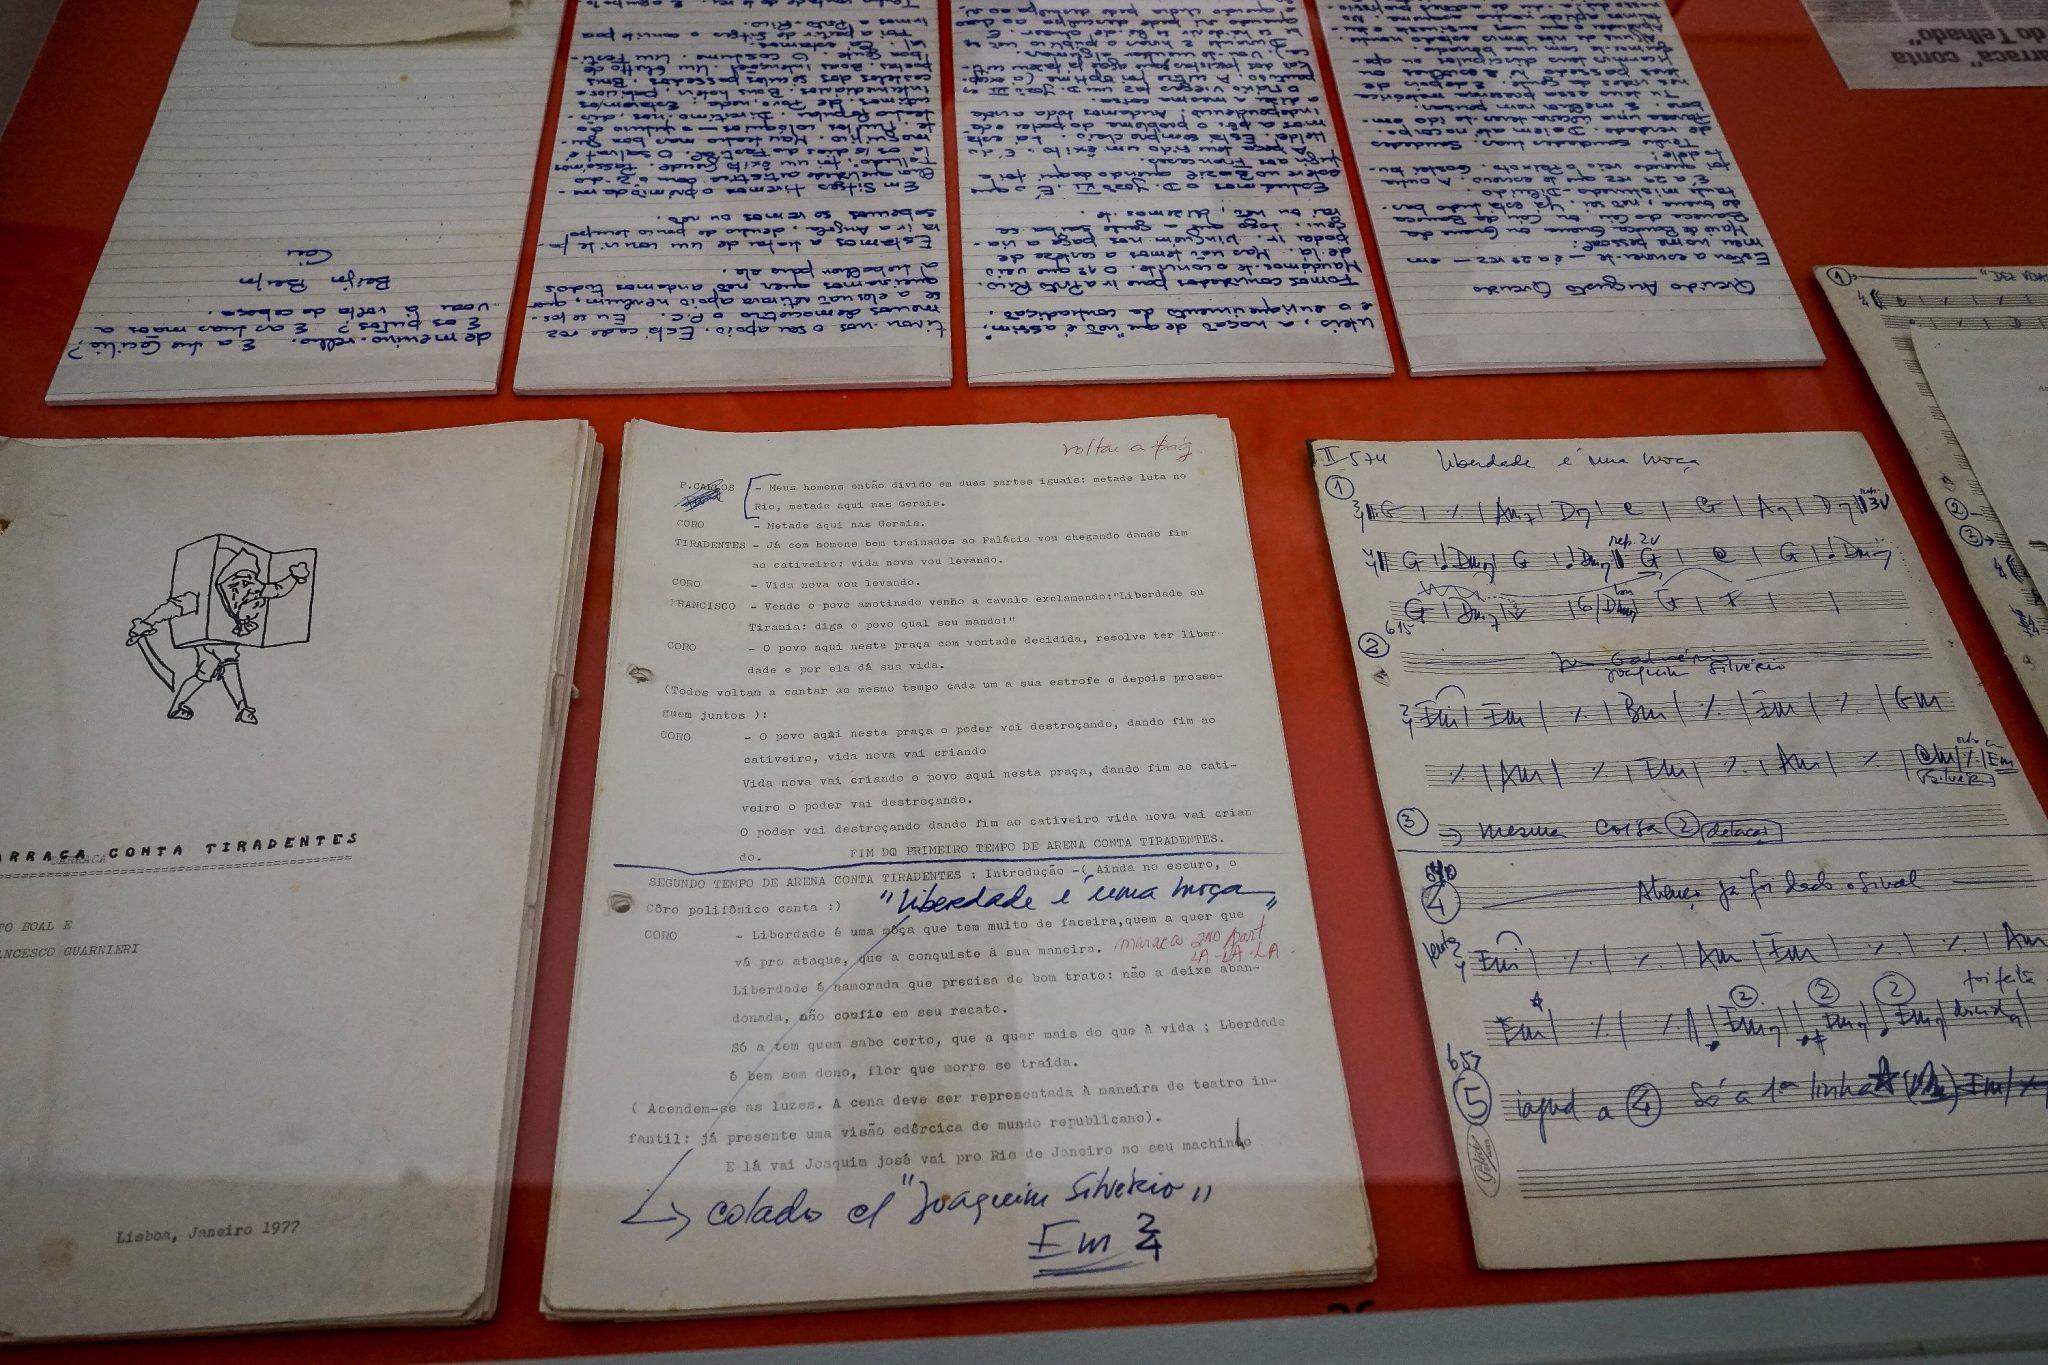 Pormenor de algumas cartas abertas, manuscritas, da exposição